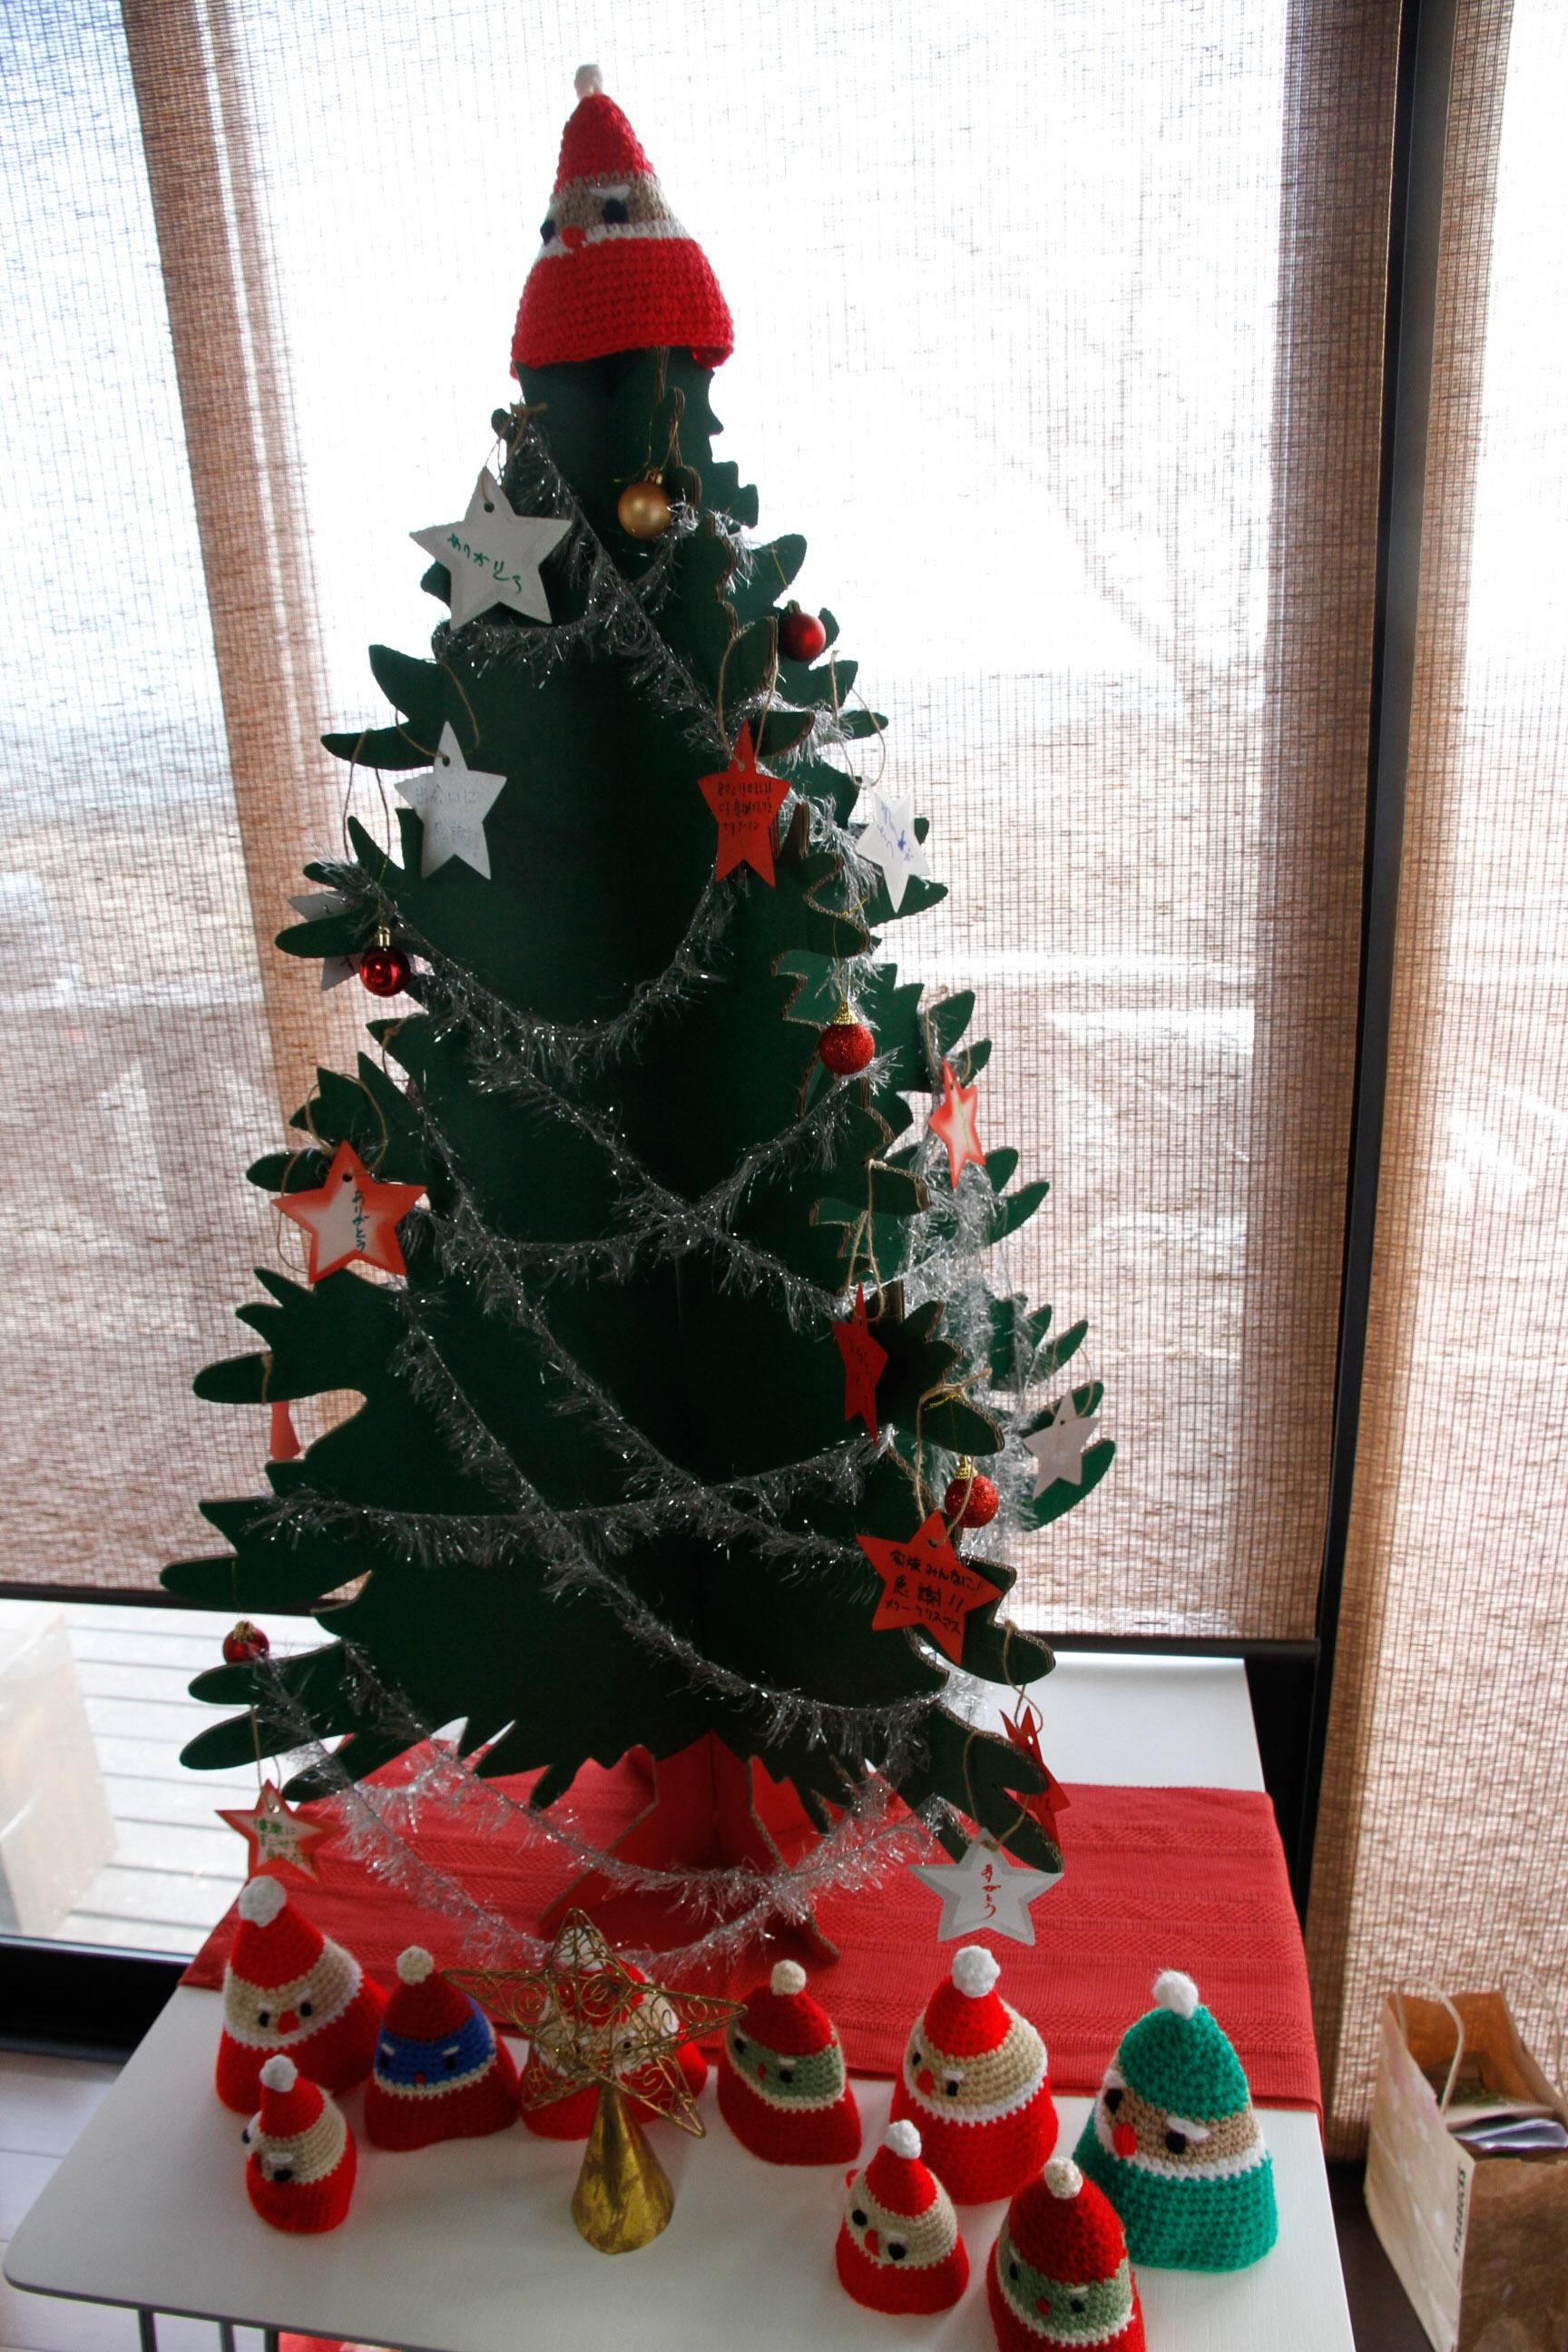 サンタさんたわしもクリスマスツリーの飾りに変身 We had a few Santa tawashi join our christmas tree!